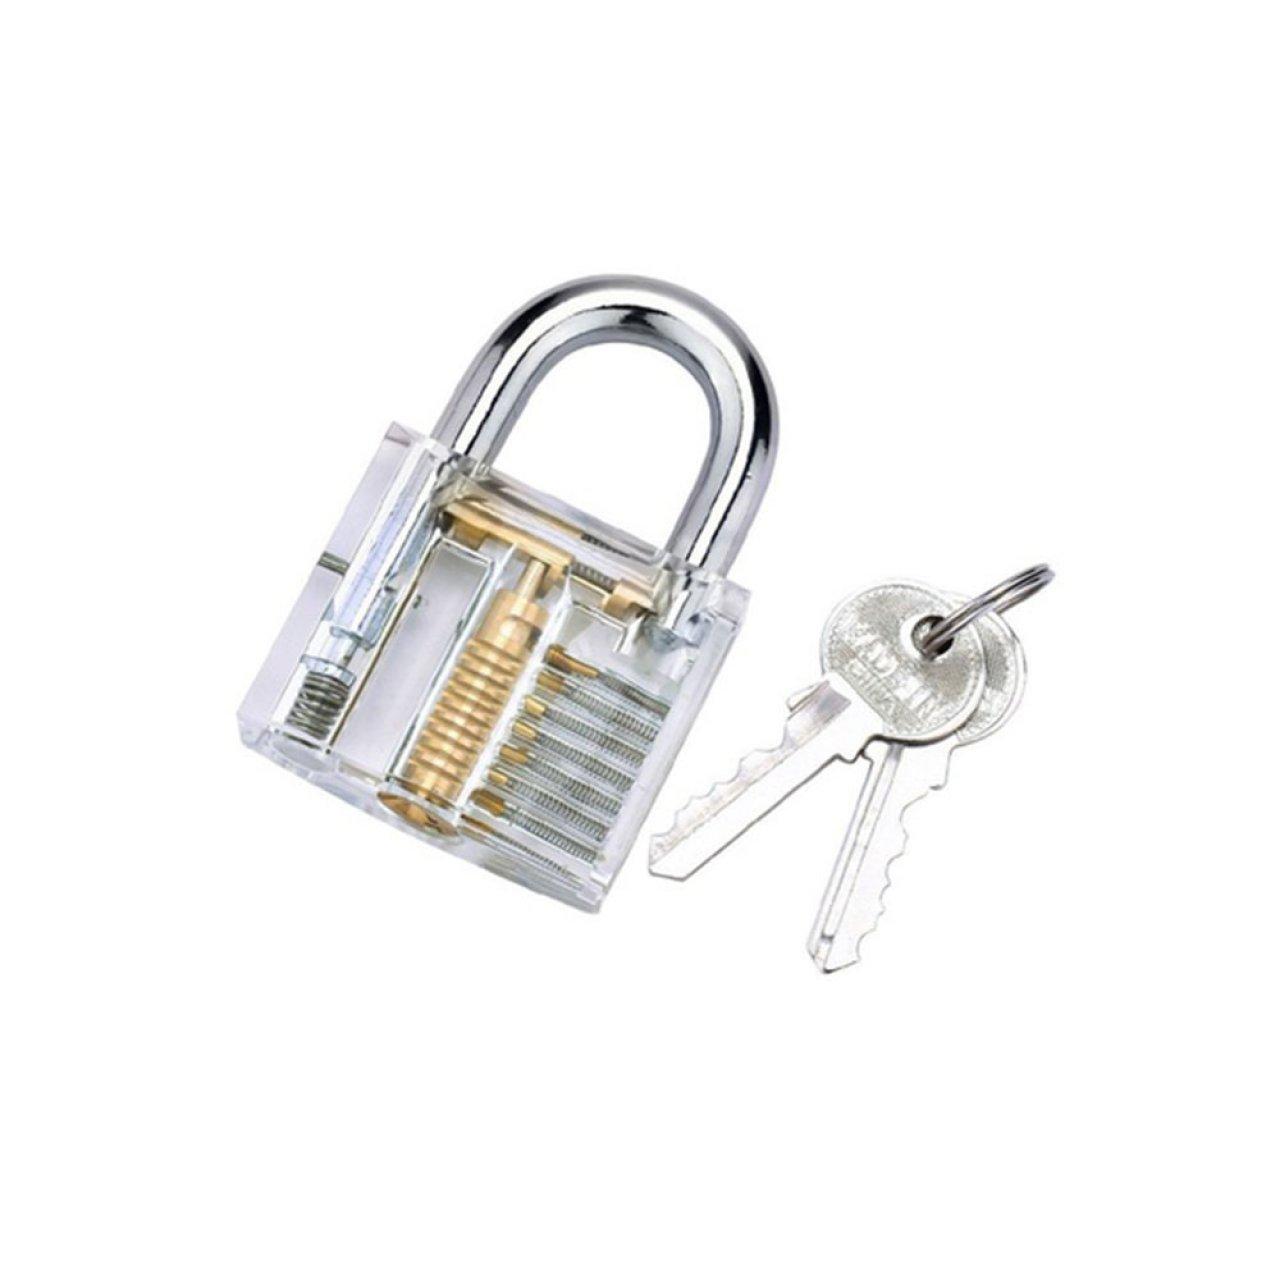 lockpicking pick set mit transparentem vorhängeschloss als dietrich